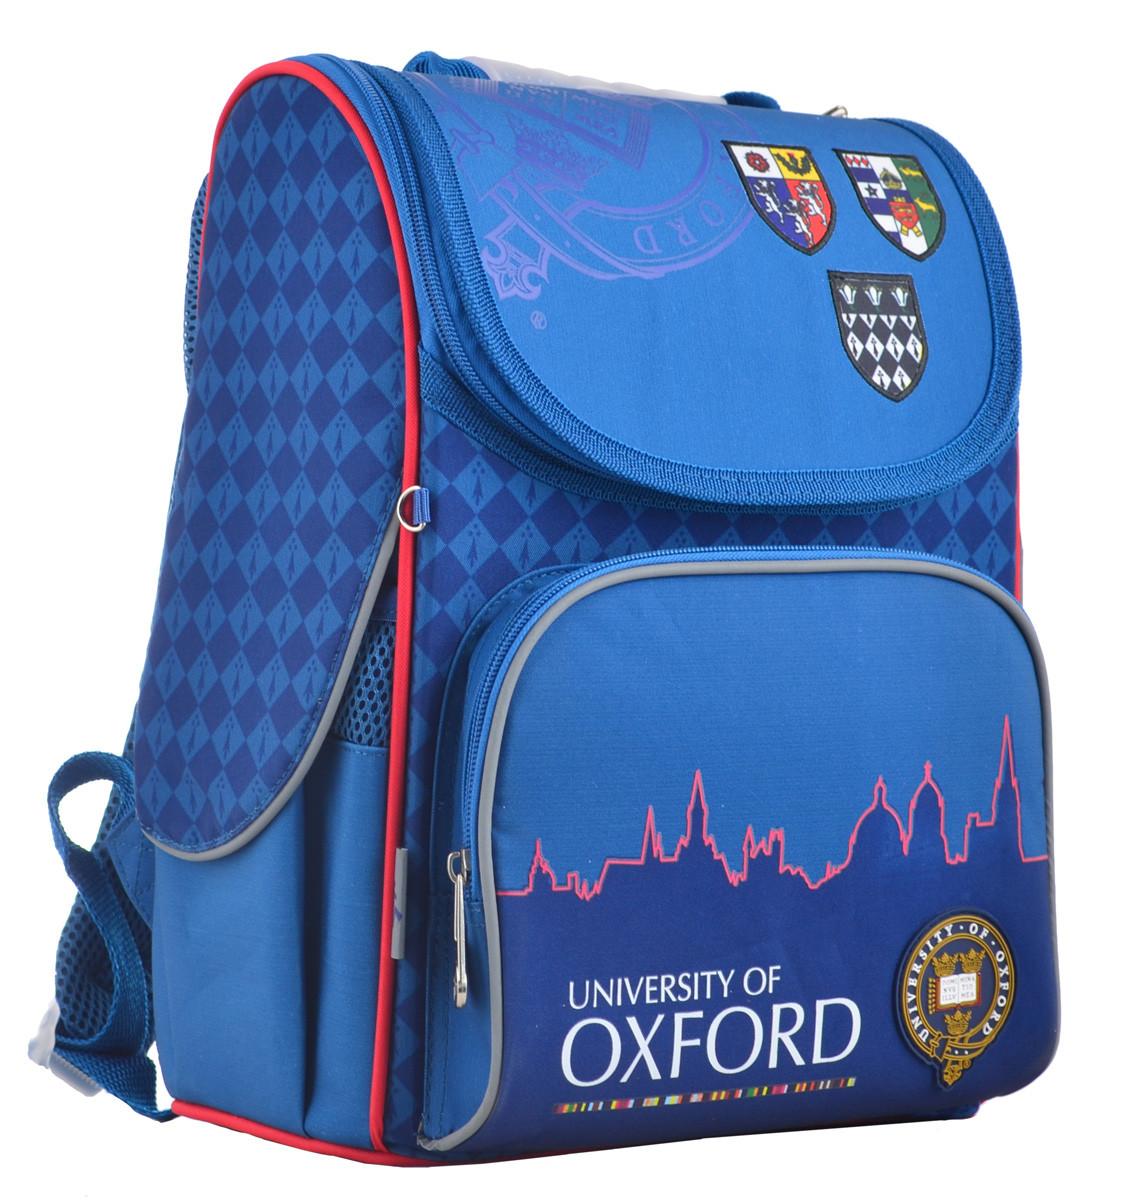 Рюкзак школьный каркасный YES H-11 Oxford, 33.5*26*13.5 555128